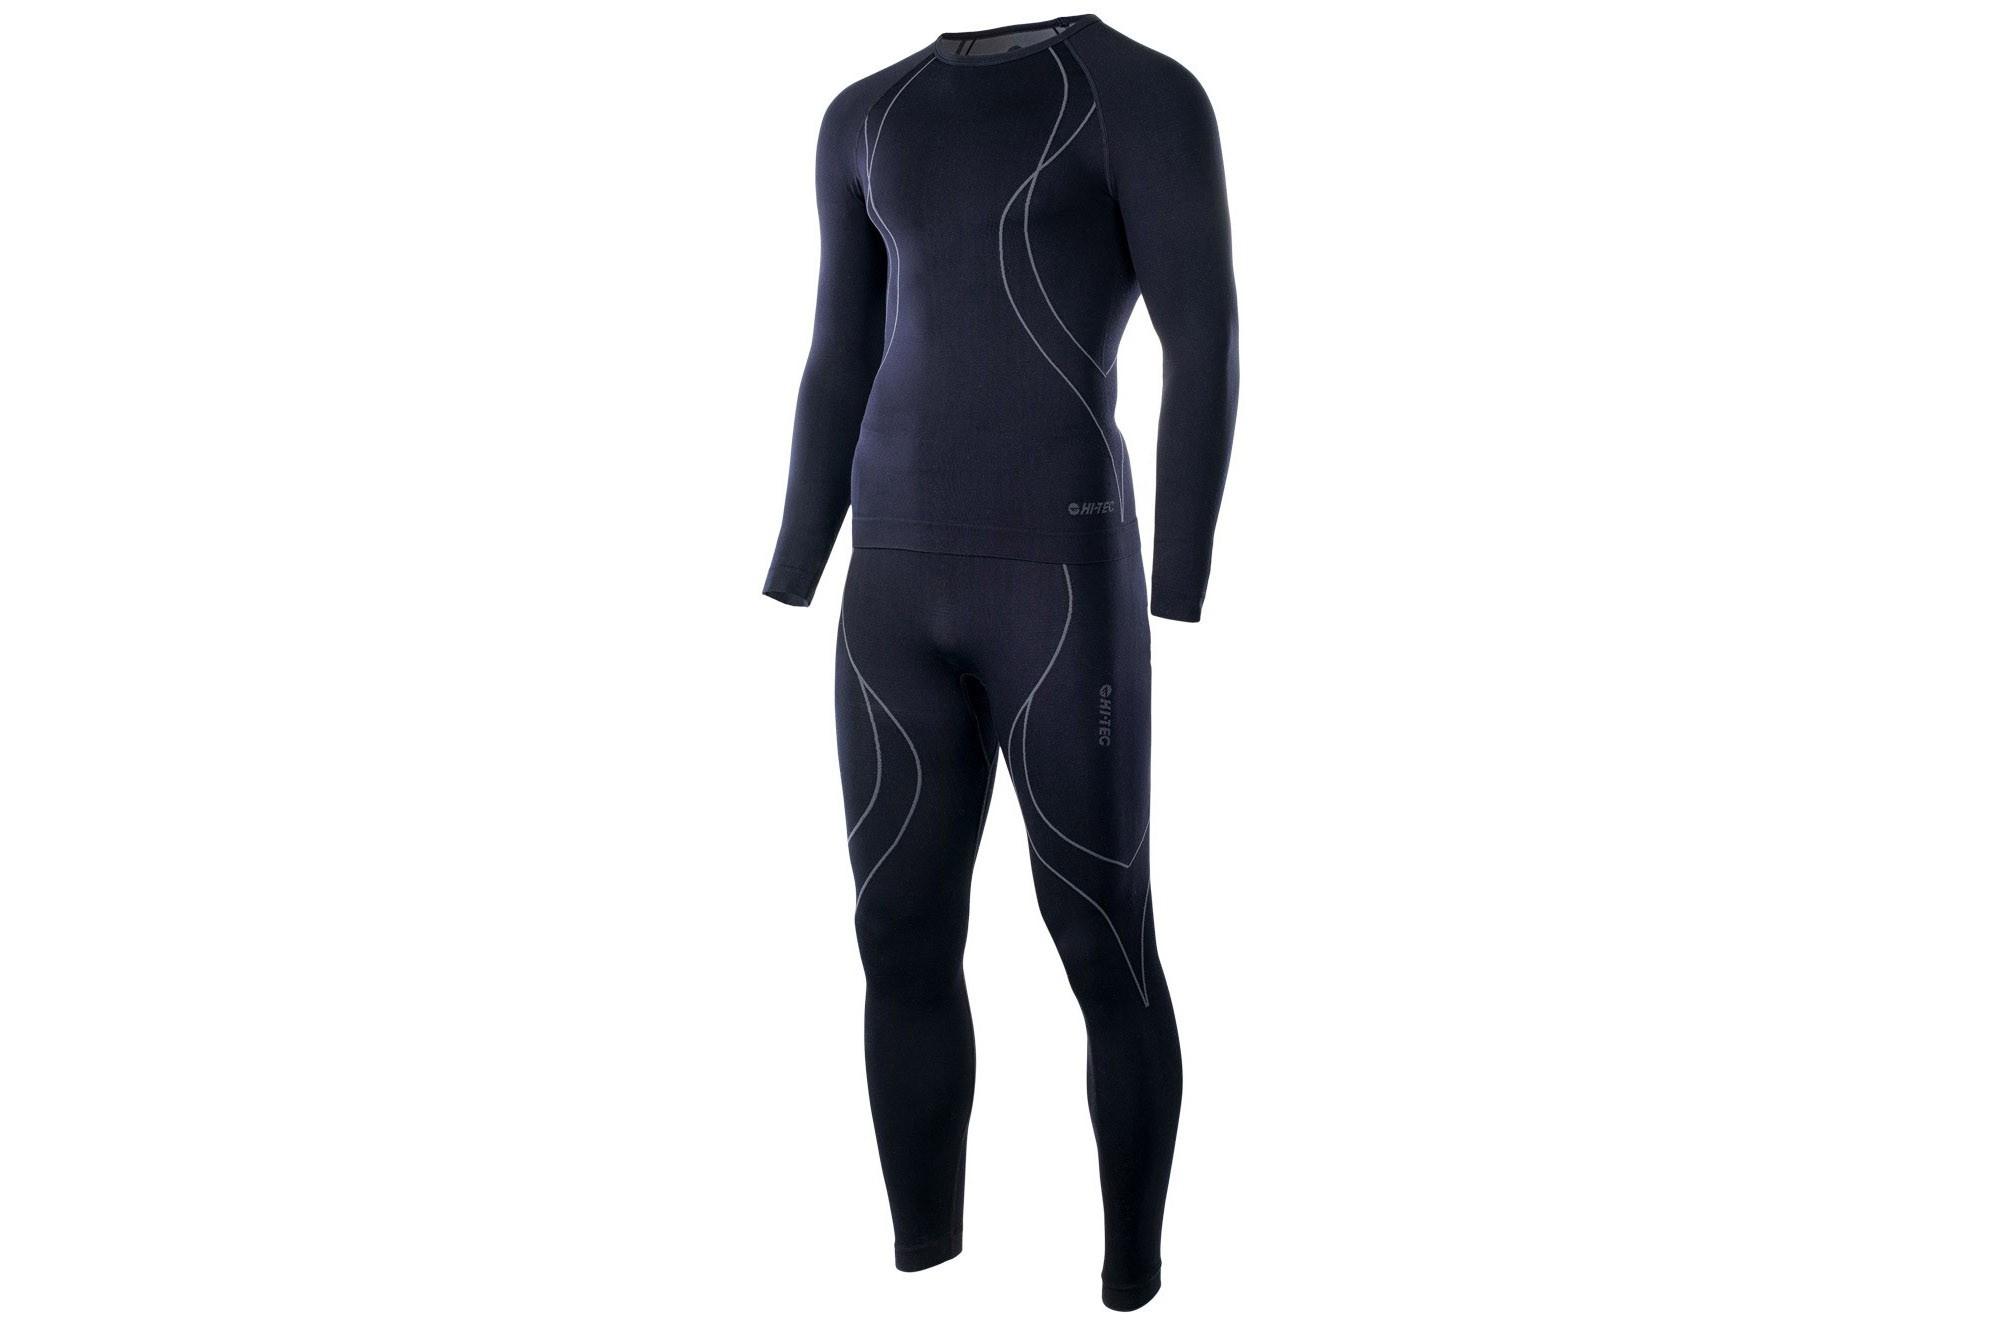 Bielizna termoaktywna HI-TEC IKAR SET męska XXL czarno-szara (spodnie+koszulka)